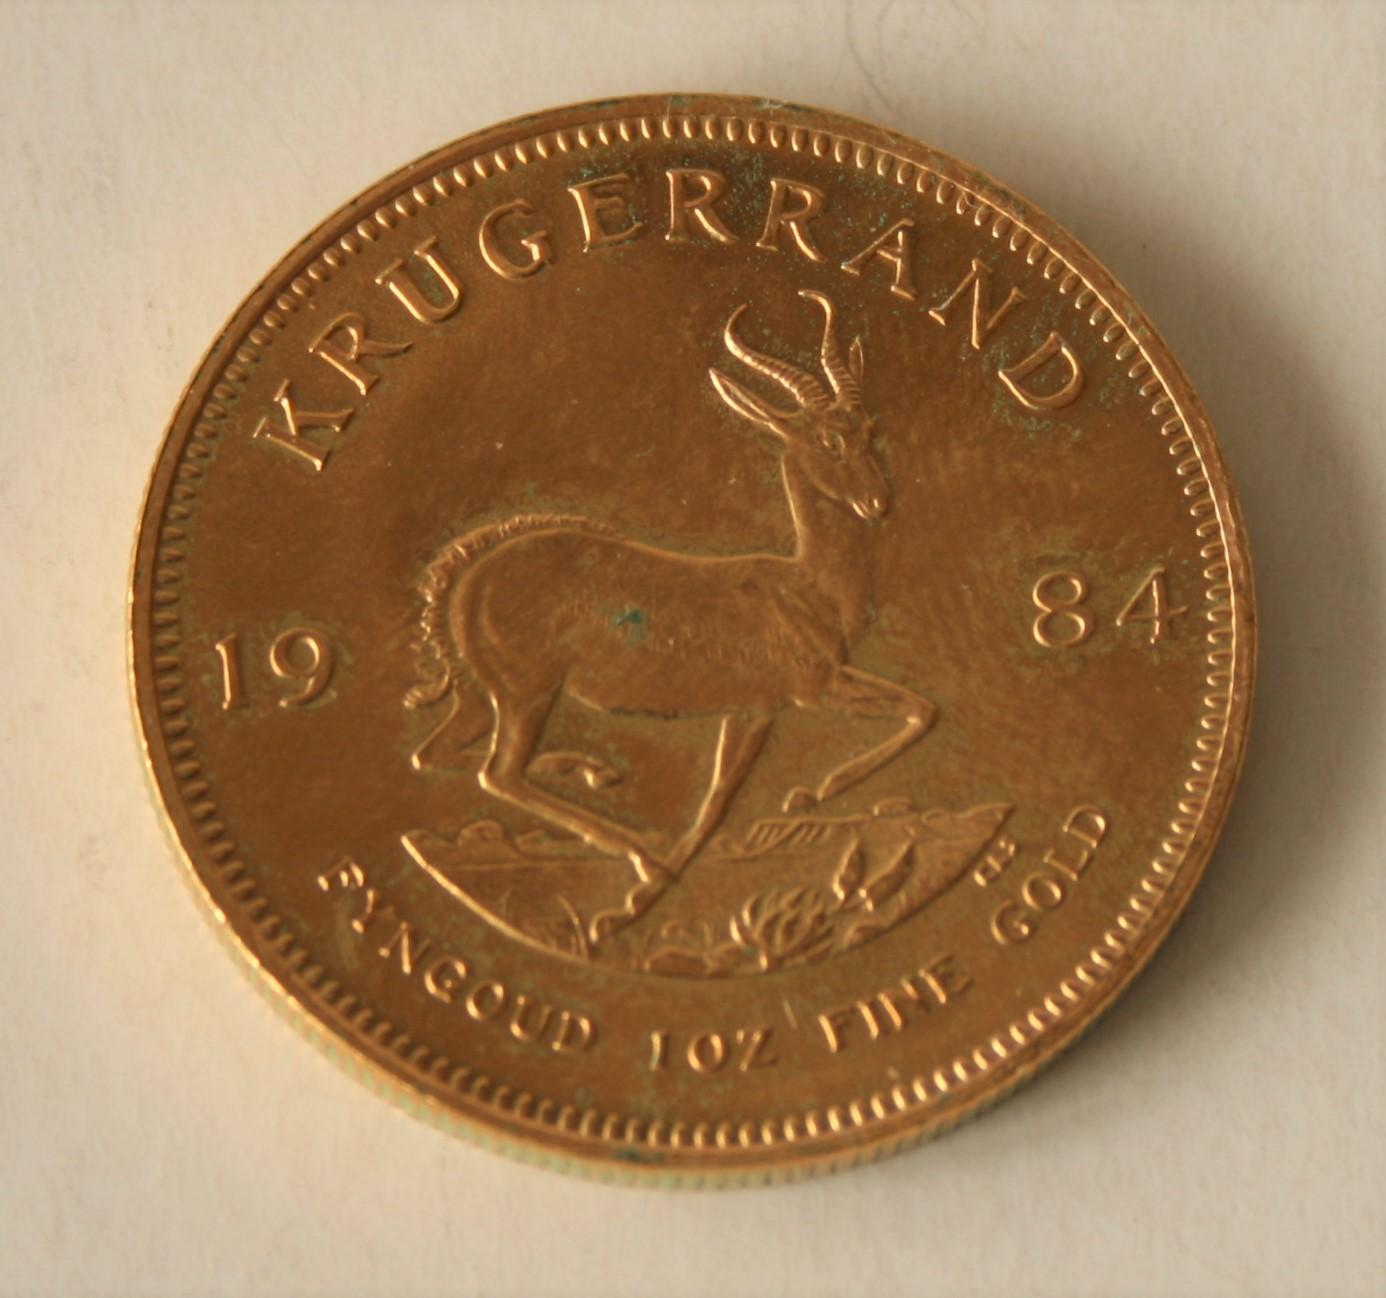 Pièce en or KRUGERRAND 1 Oz, 1984 - Poids : 33,99 g - - KRUGERRAND 1 Oz Gold Coin, [...]